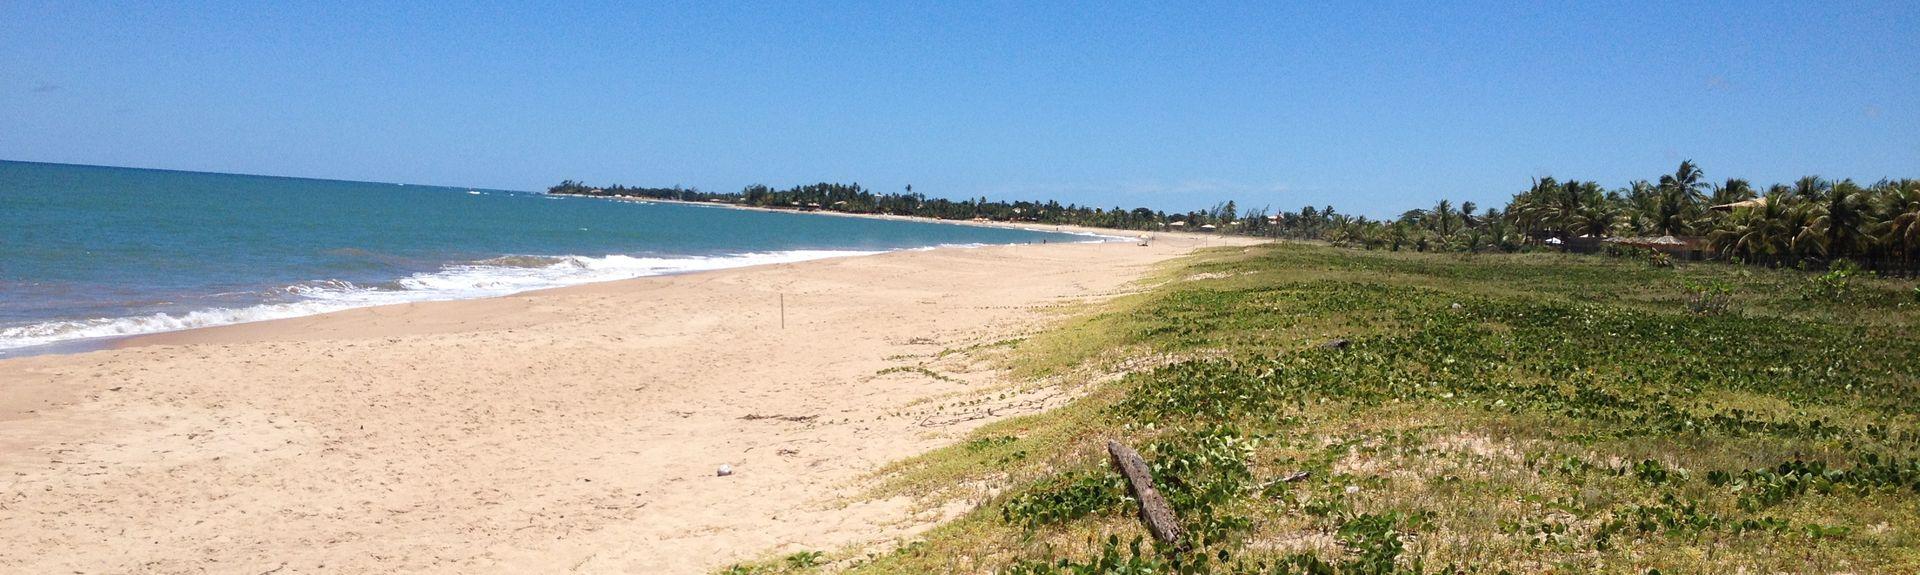 Praia de Interlagos, Camaçari, Bahia, Brasil